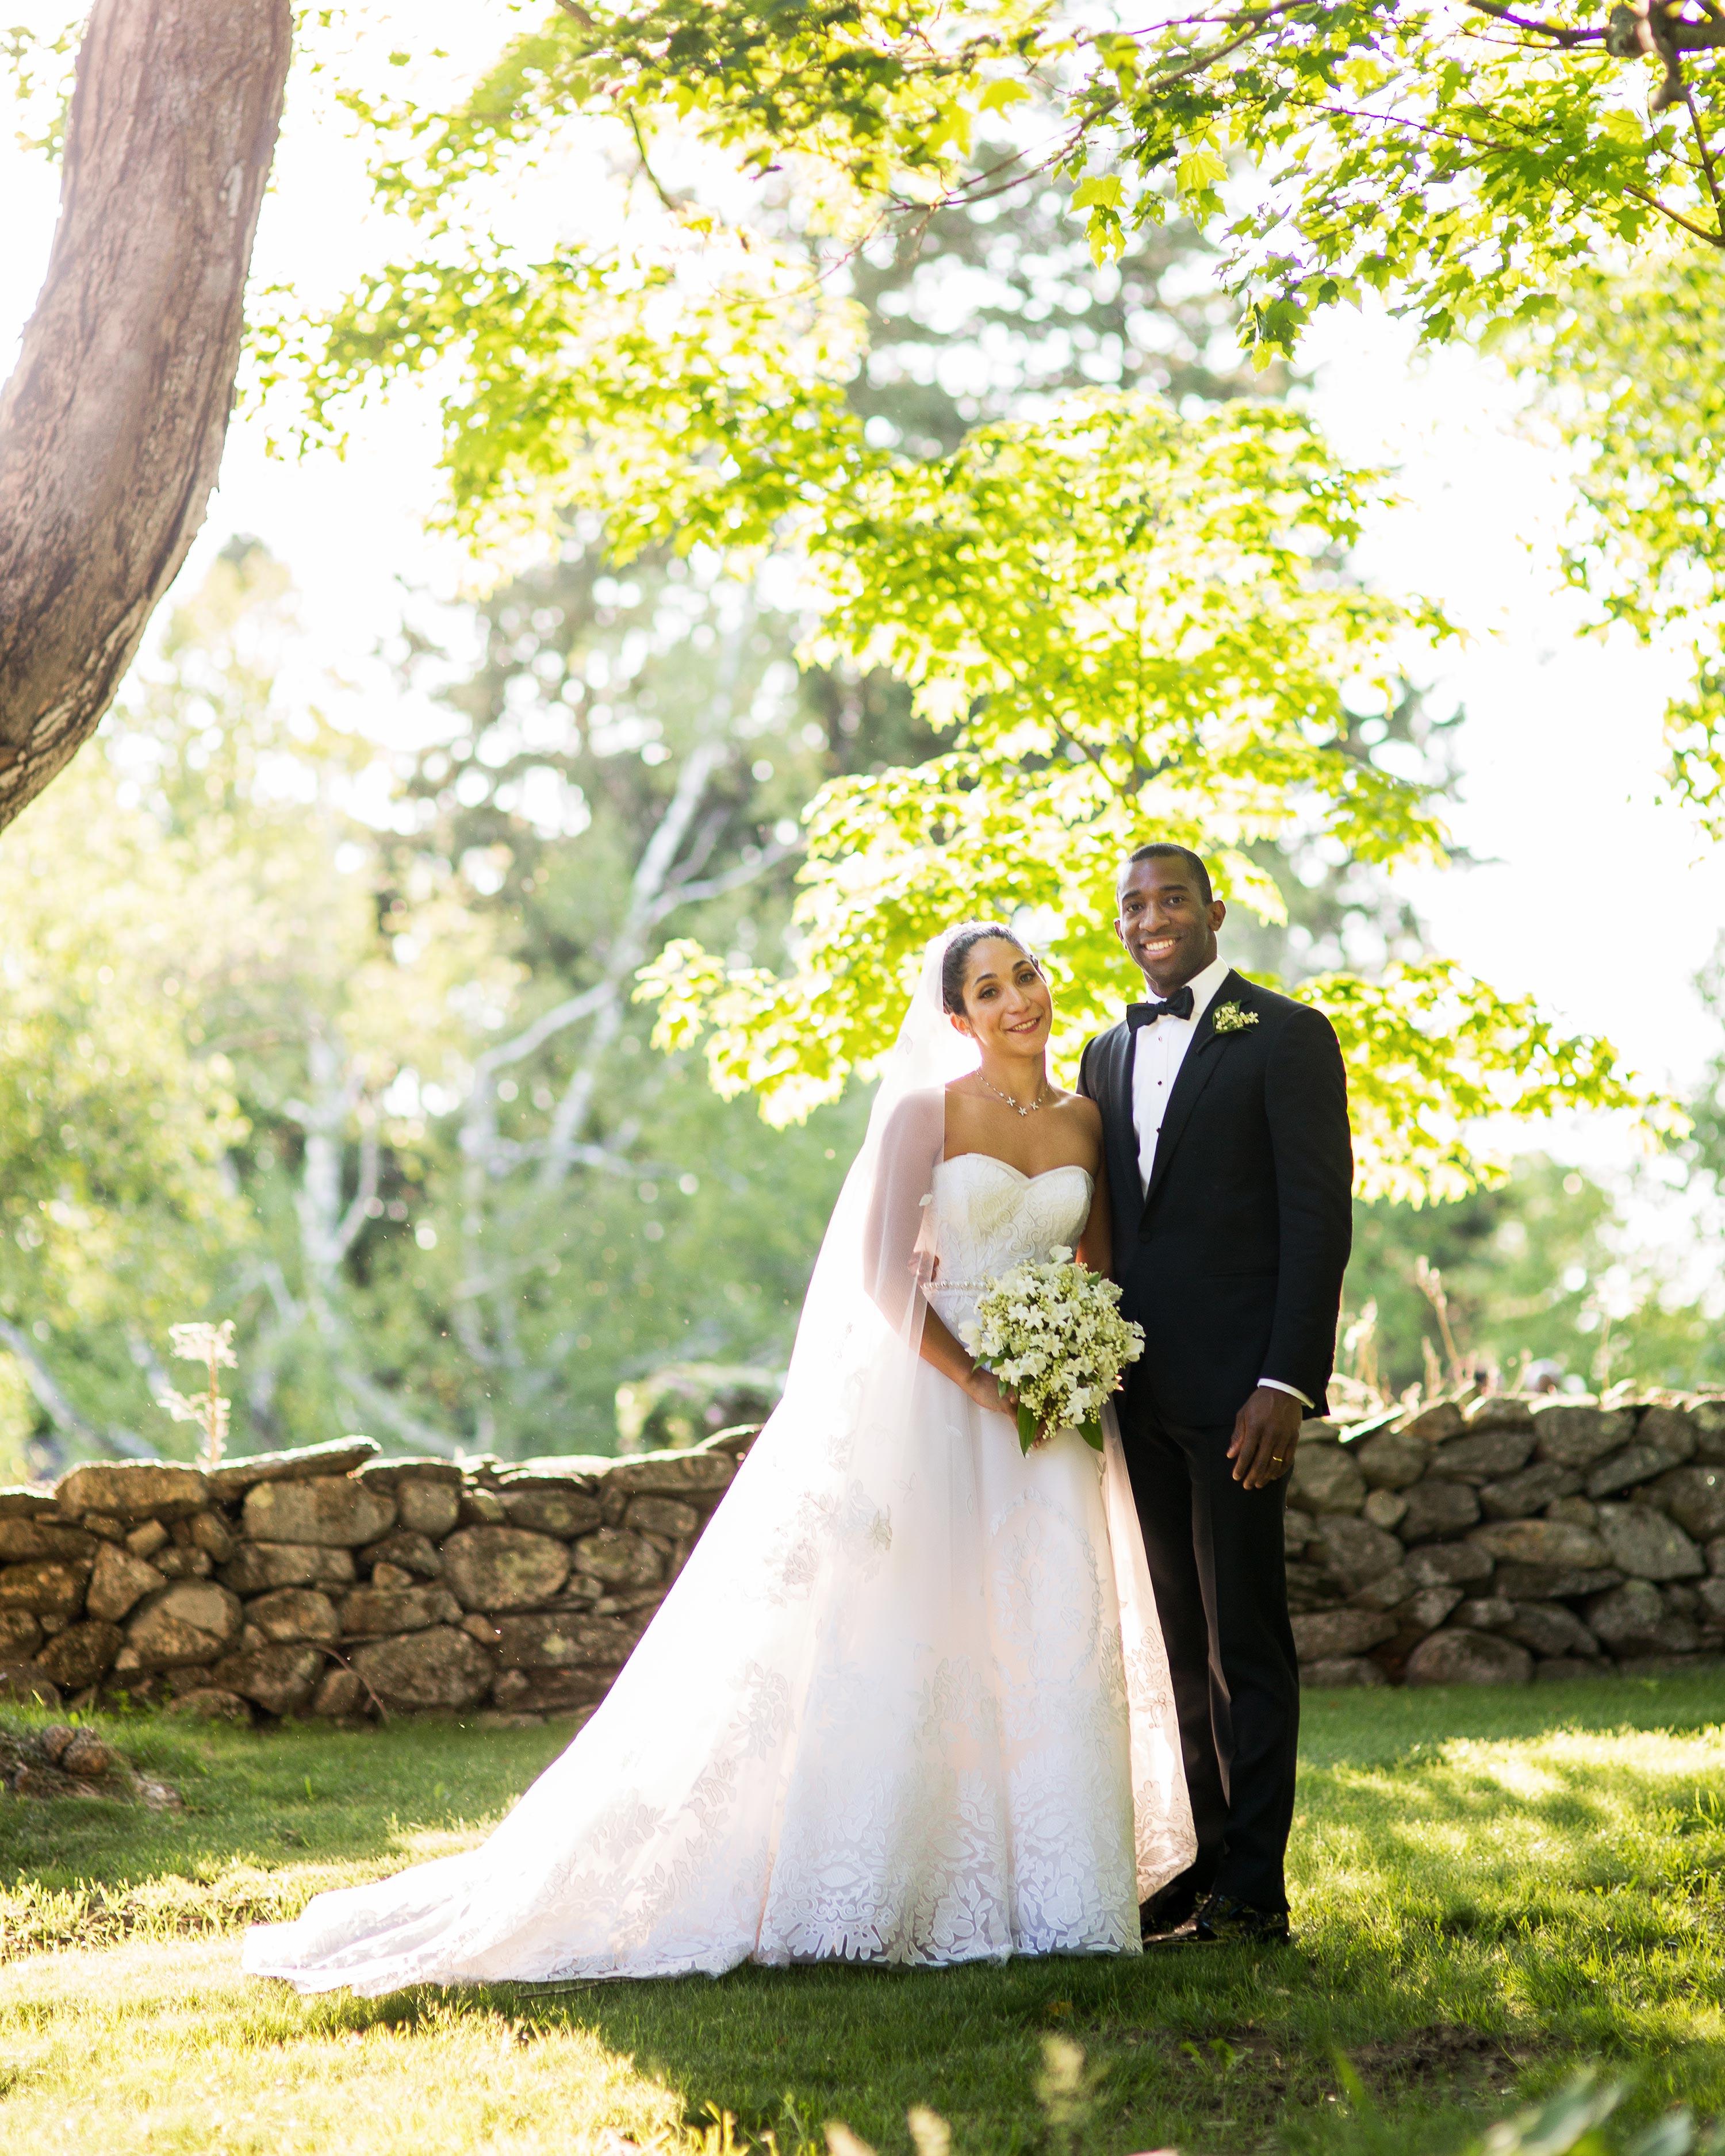 honor-jay-wedding-connecticut-couple-0967-d112238.jpg